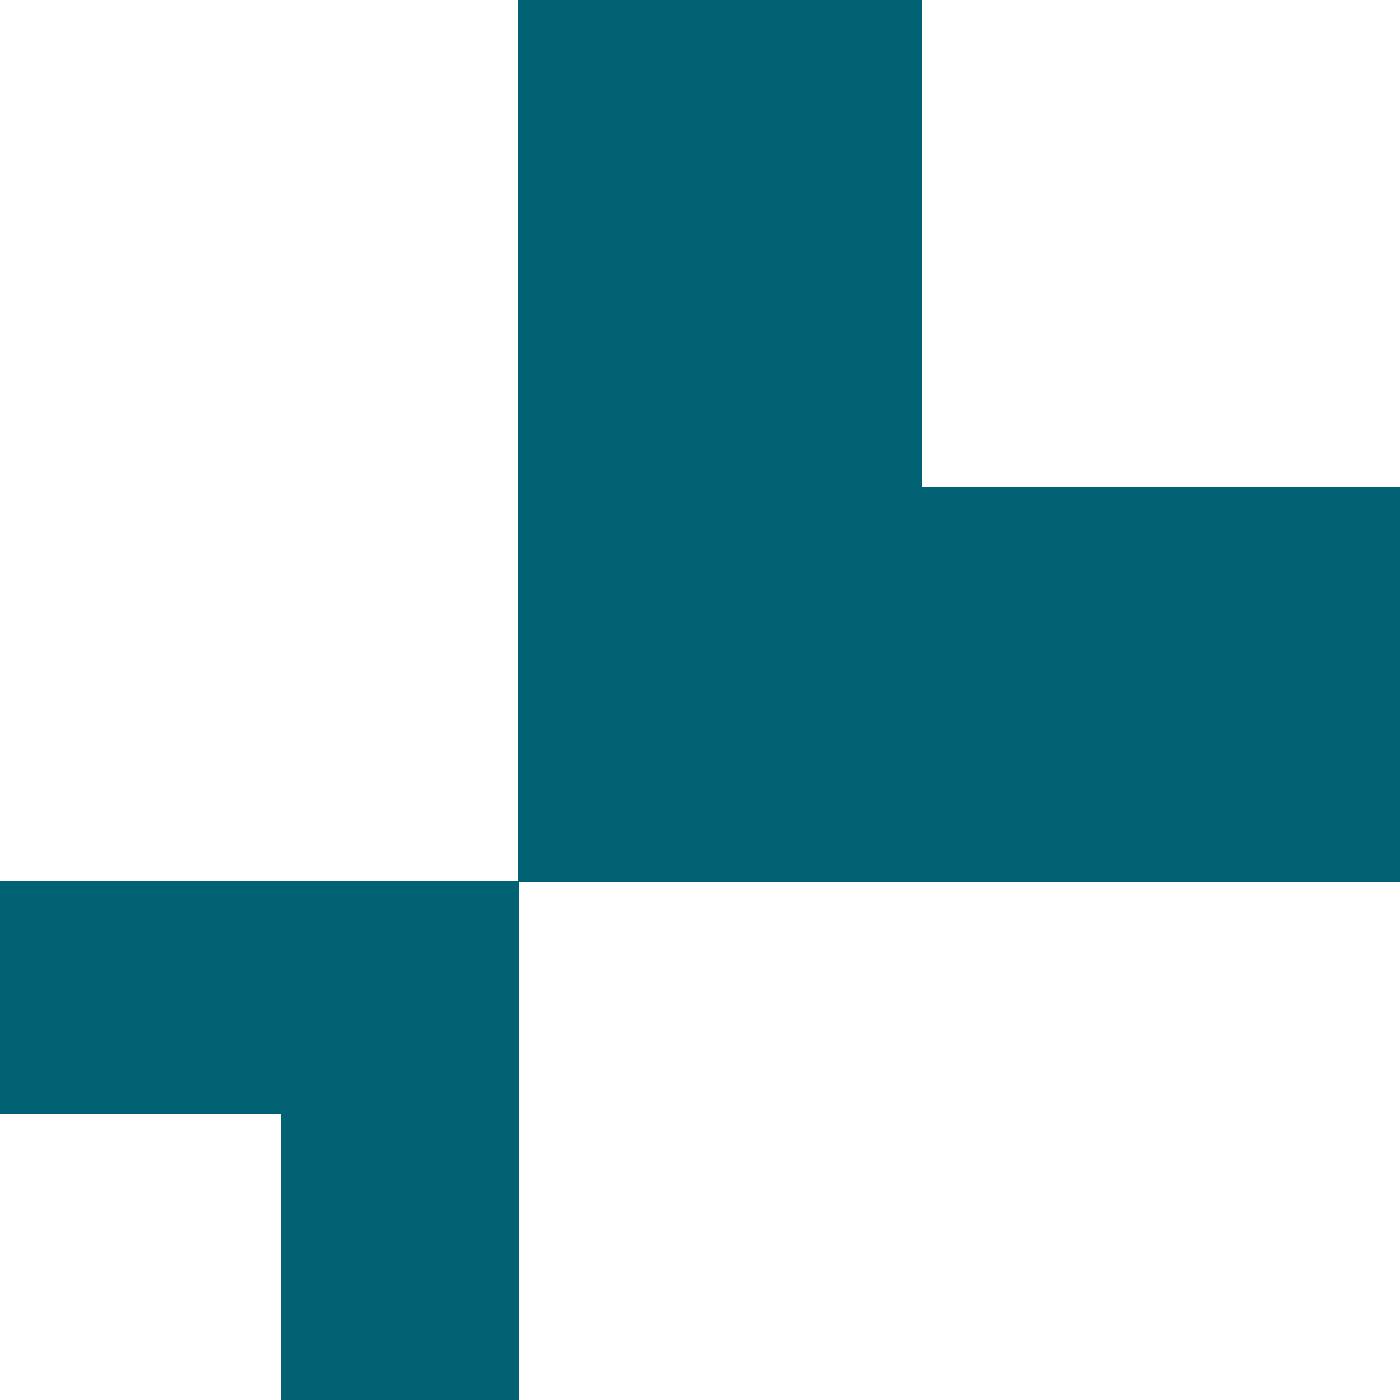 corner-image